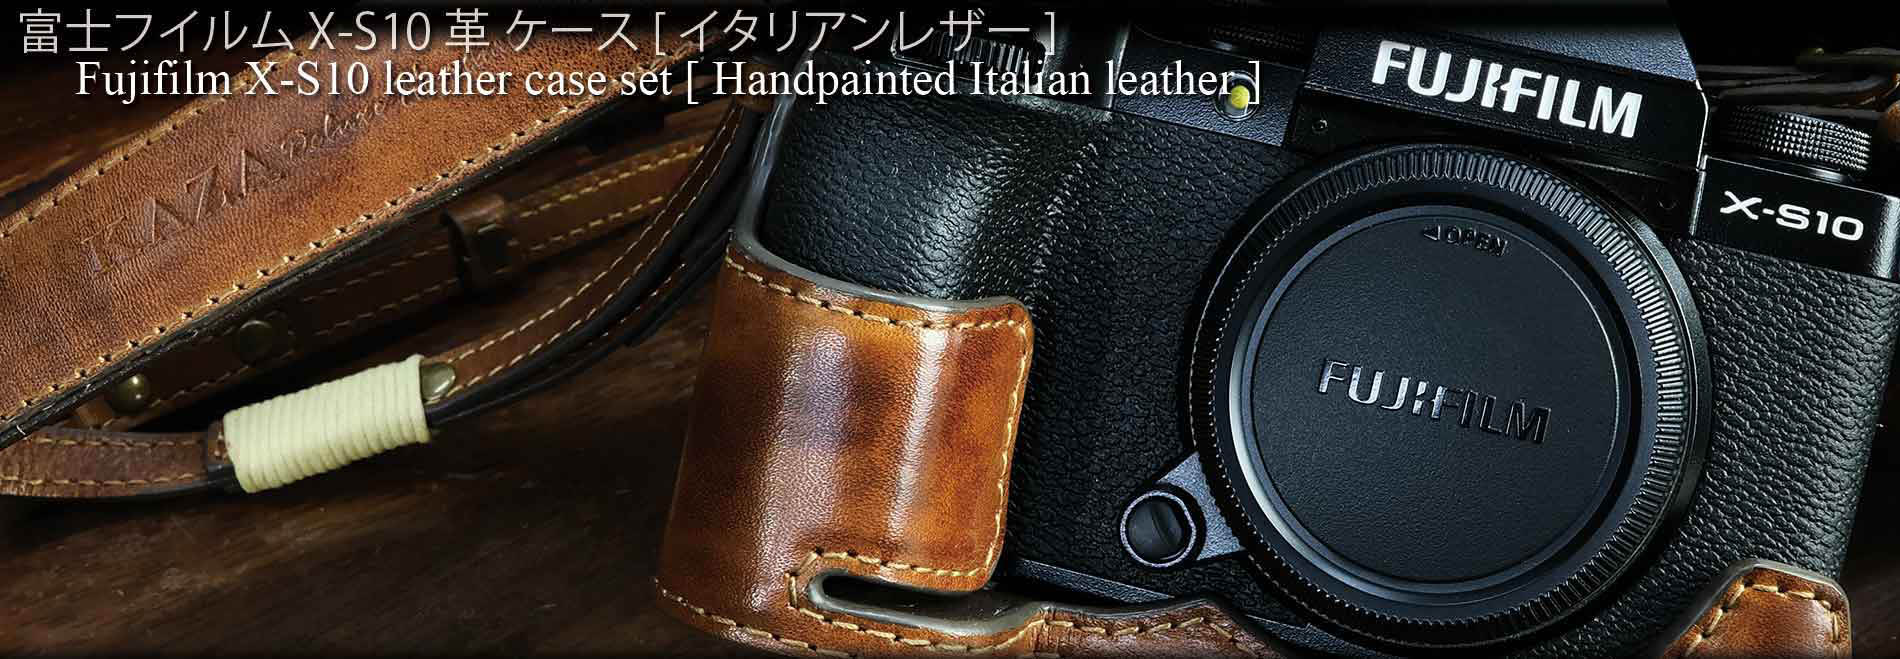 Fujifilm X-S10用カメラケース, Fujifilm X-S10相機皮套, Fujifilm X-S10 leather case, Fujifilm X-S10 half case, Fujifilm X-S10 leather case, Fujifilm X-S10 half case, Fujifilm X-S10カメラケース, 富士フイルムx-s10革製ケース, 富士フイルムx-s10レザーケース, 富士フイルムx-s10ボディケース, 富士フイルムx-s10ケース, Fujifilm XS10用カメラケース, Fujifilm XS10相機皮套, Fujifilm XS10 leather case, Fujifilm XS10 half case, Fujifilm XS10 leather case, Fujifilm XS10 half case, Fujifilm XS10カメラケース, 富士フイルムxs10革製ケース, 富士フイルムxs10レザーケース, 富士フイルムxs10ボディケース, 富士フイルムxs10ケース,